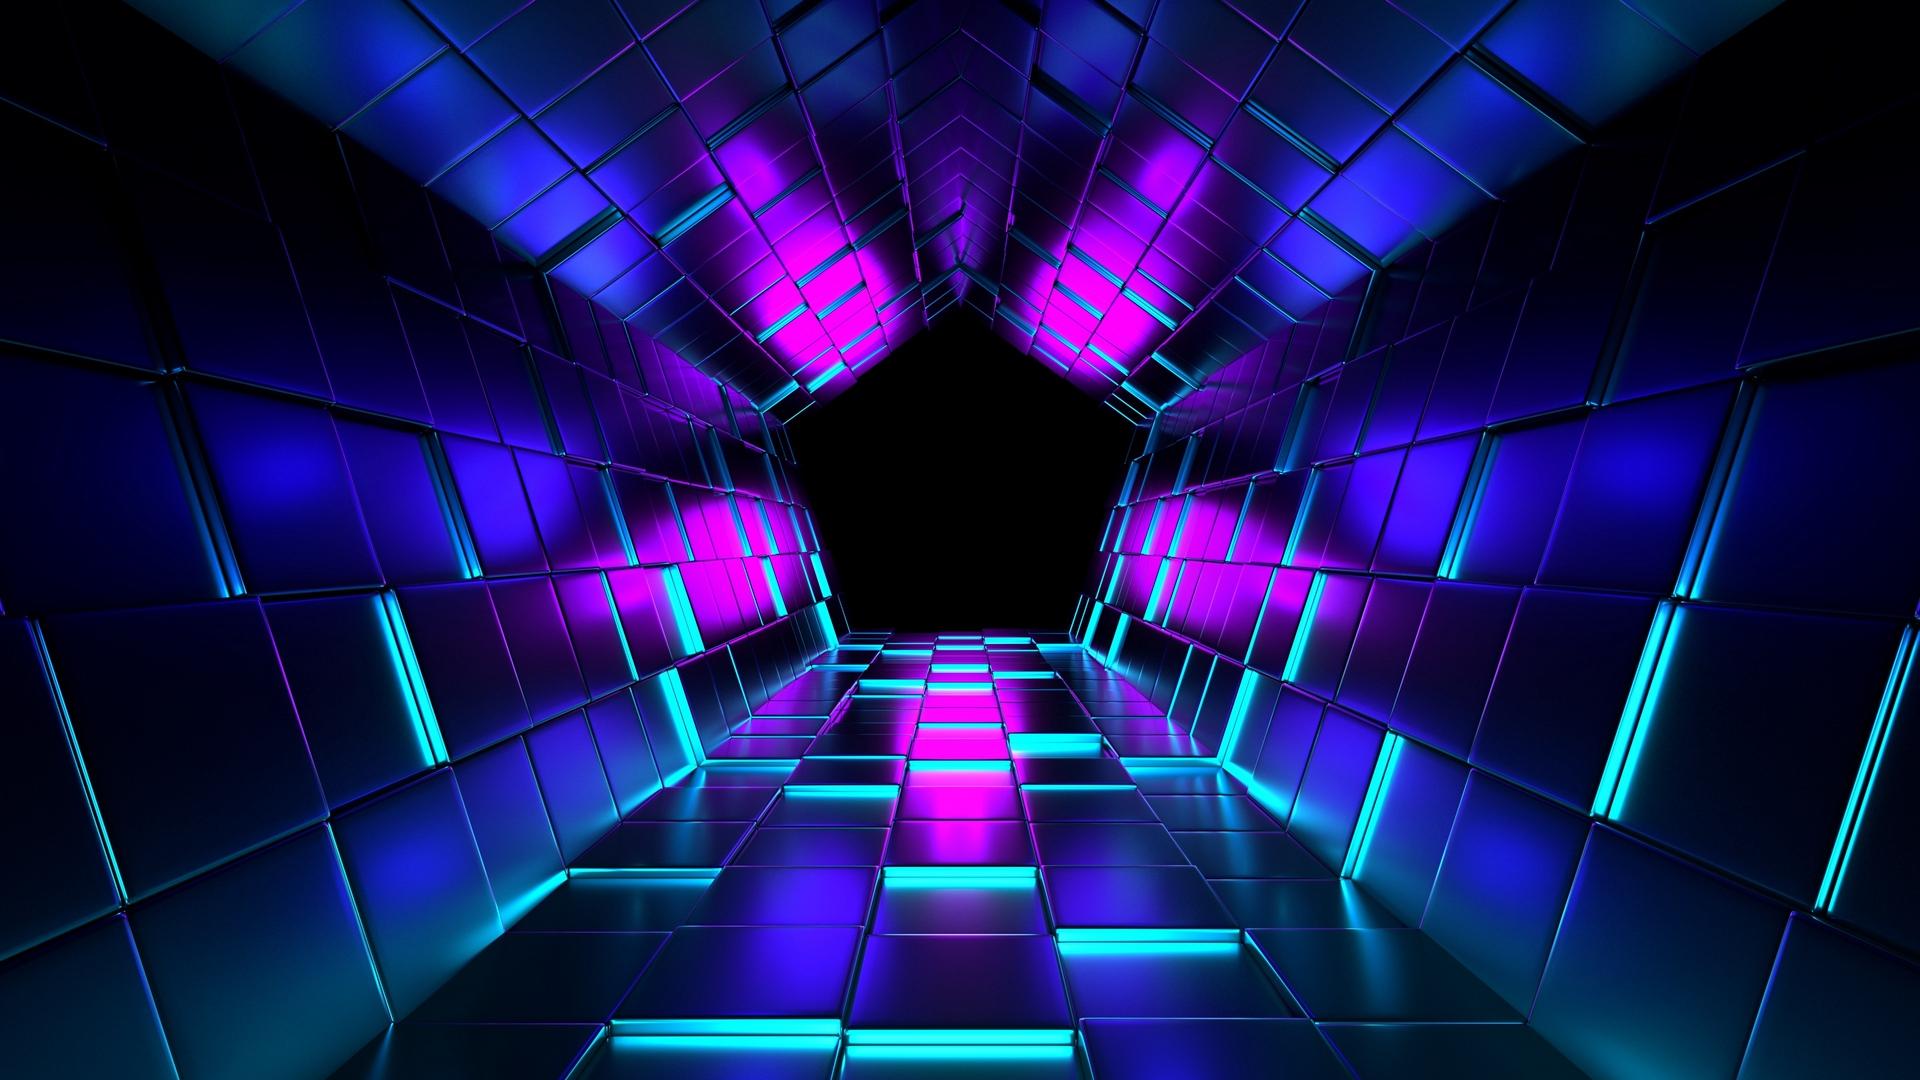 kuby_rendering_tunnel_120803_1920x1080.jpg